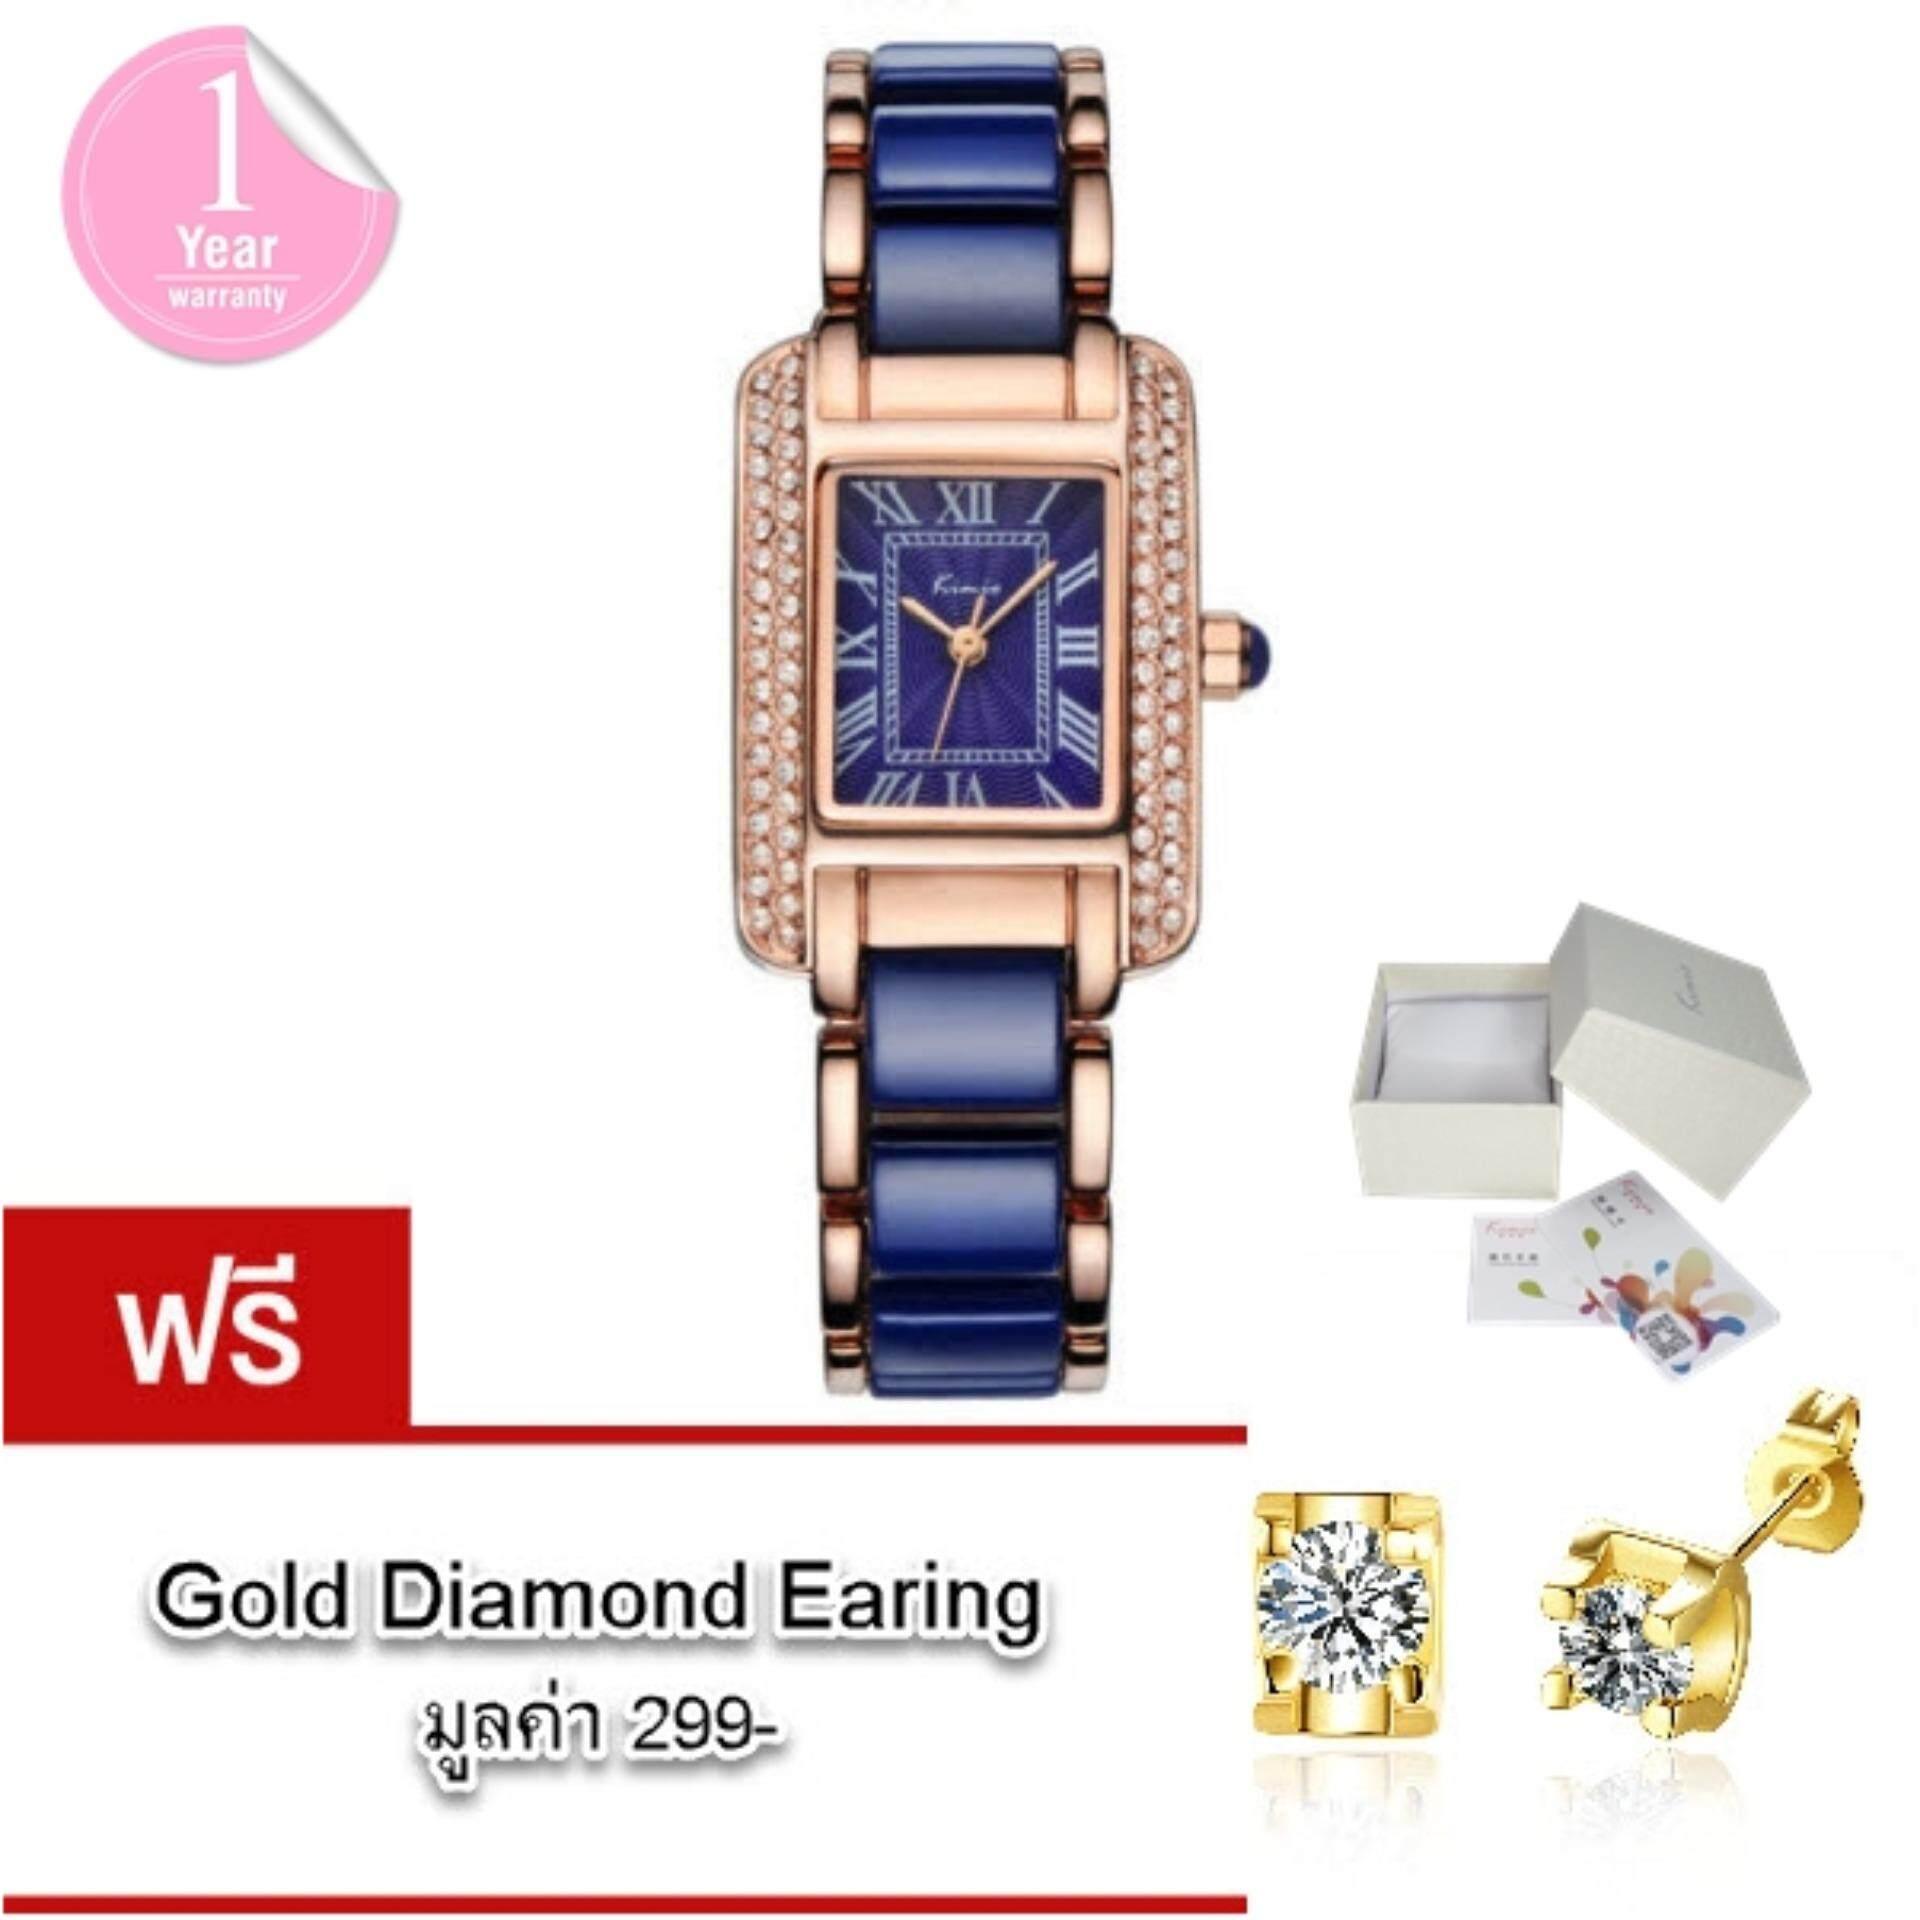 ขาย Kimio นาฬิกาข้อมือผู้หญิง แท้ 100 สาย Alloy สุดอินเทรนด์แฟชั่นของสาวๆ รุ่น Kw6036 พร้อมกล่อง Kimio แถมฟรี ต่างหูรูป Gold Diamond มูลค่า 299 ออนไลน์ ใน สมุทรปราการ